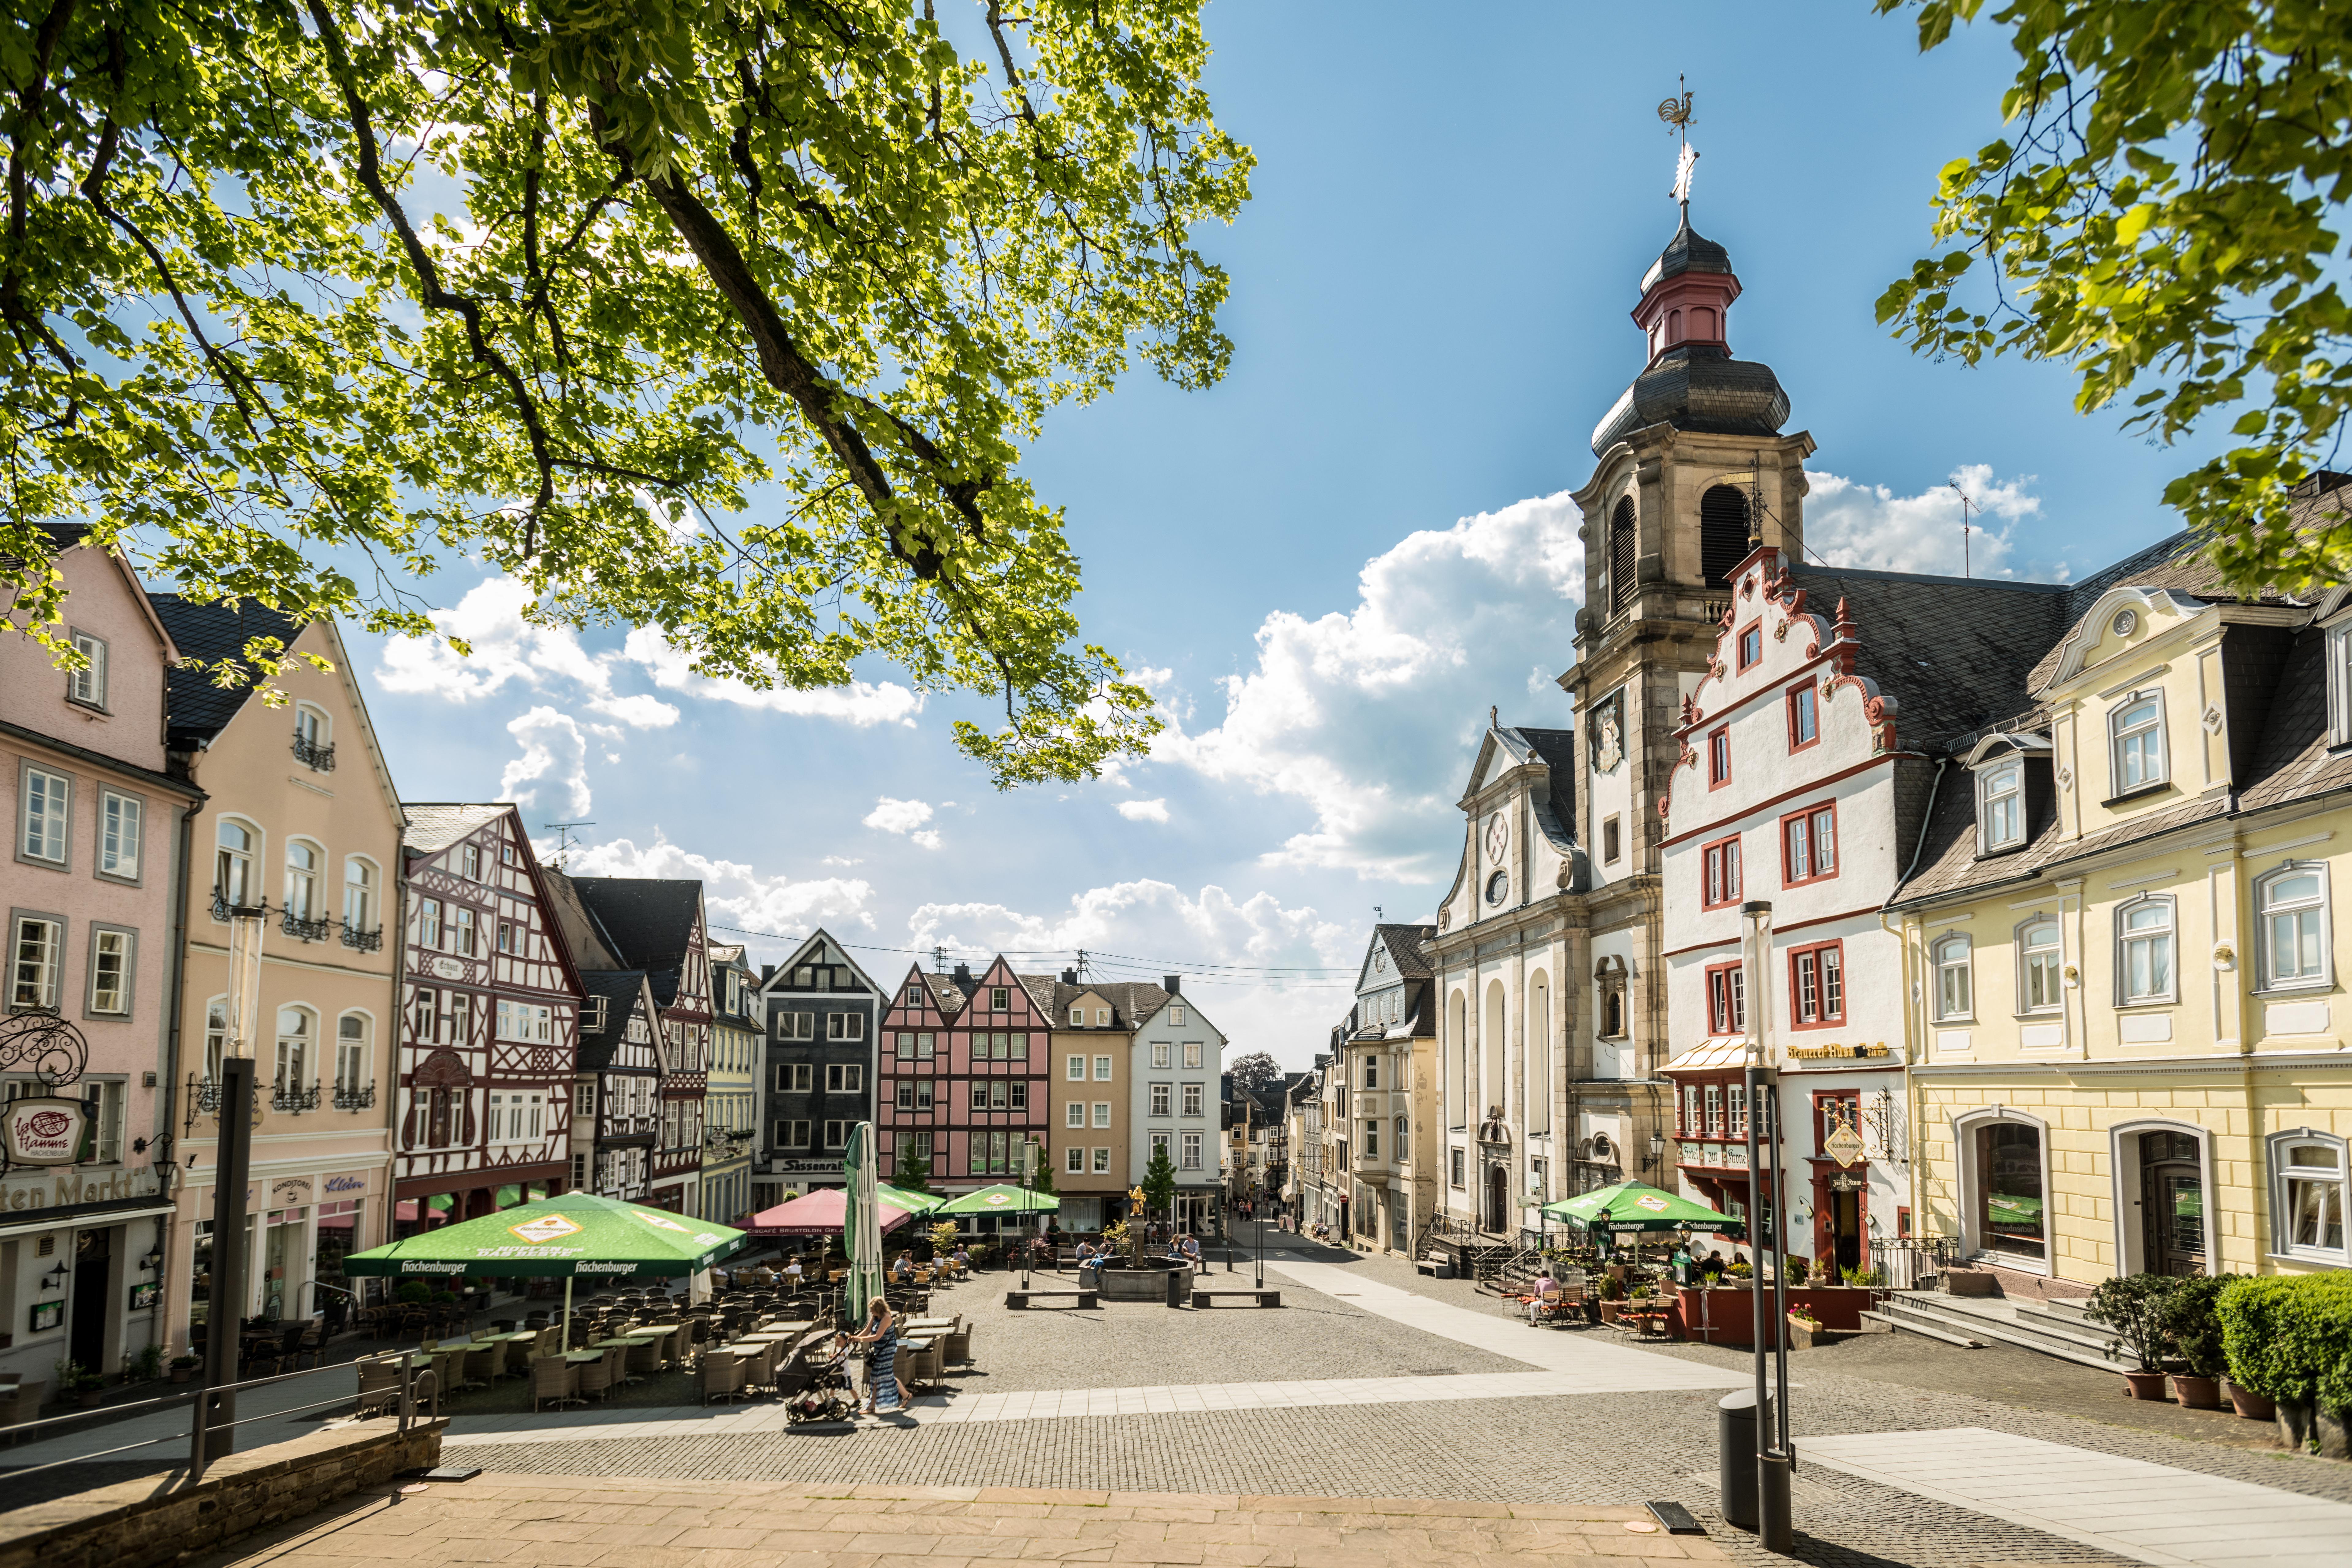 Marktplatz von Hachenburg